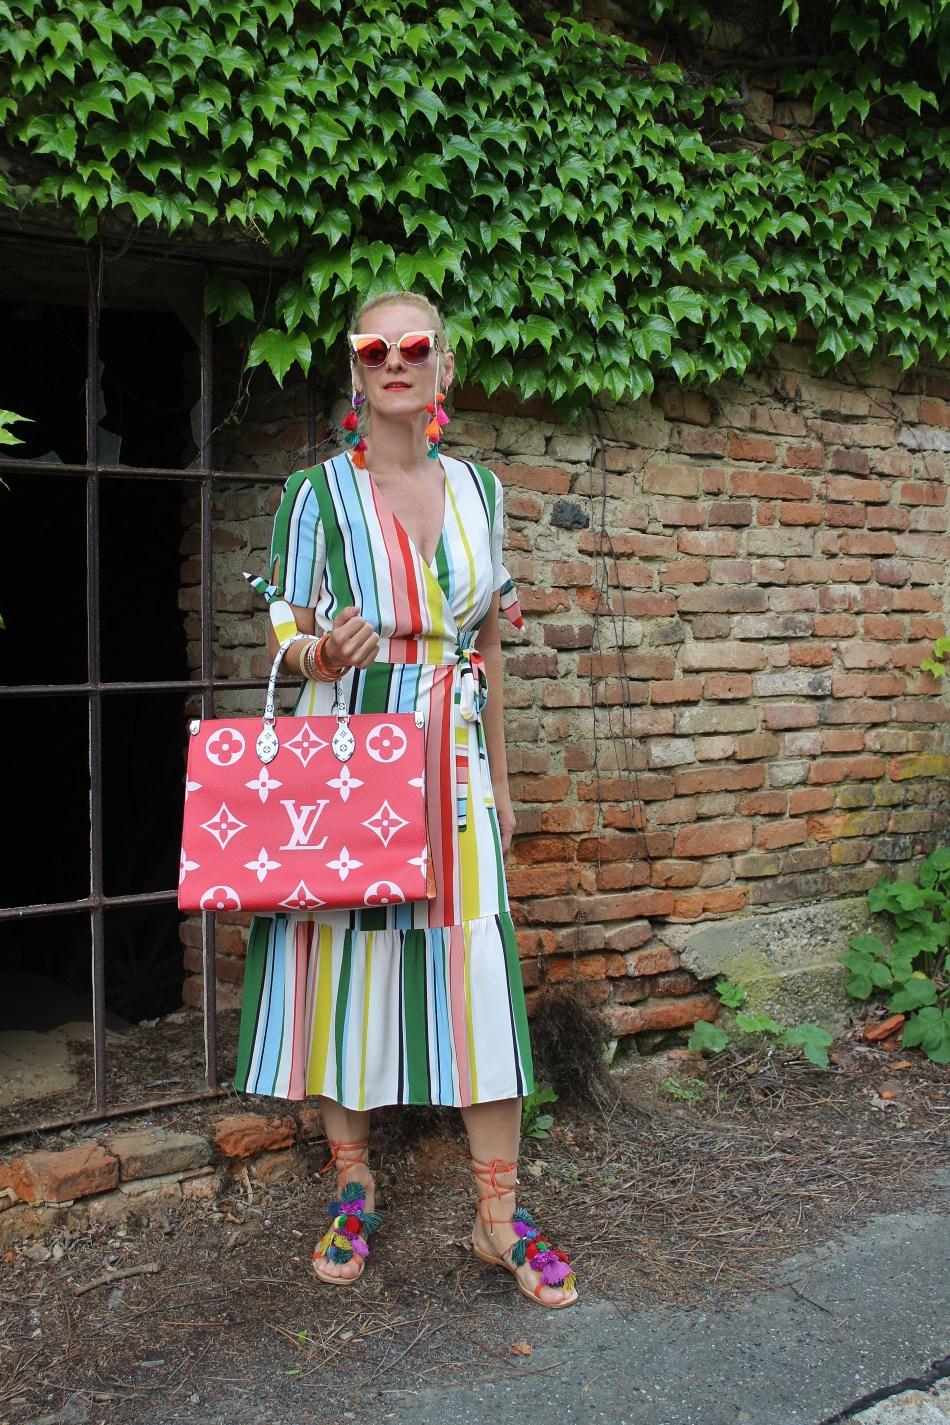 Regenbogenkleid-Mango-Gestreiftes buntes Kleid-Steifenkleid-Louis Vuitton On the Go-Bag - Tasche-carrieslifestyle-Colourssplash-Colourblocking